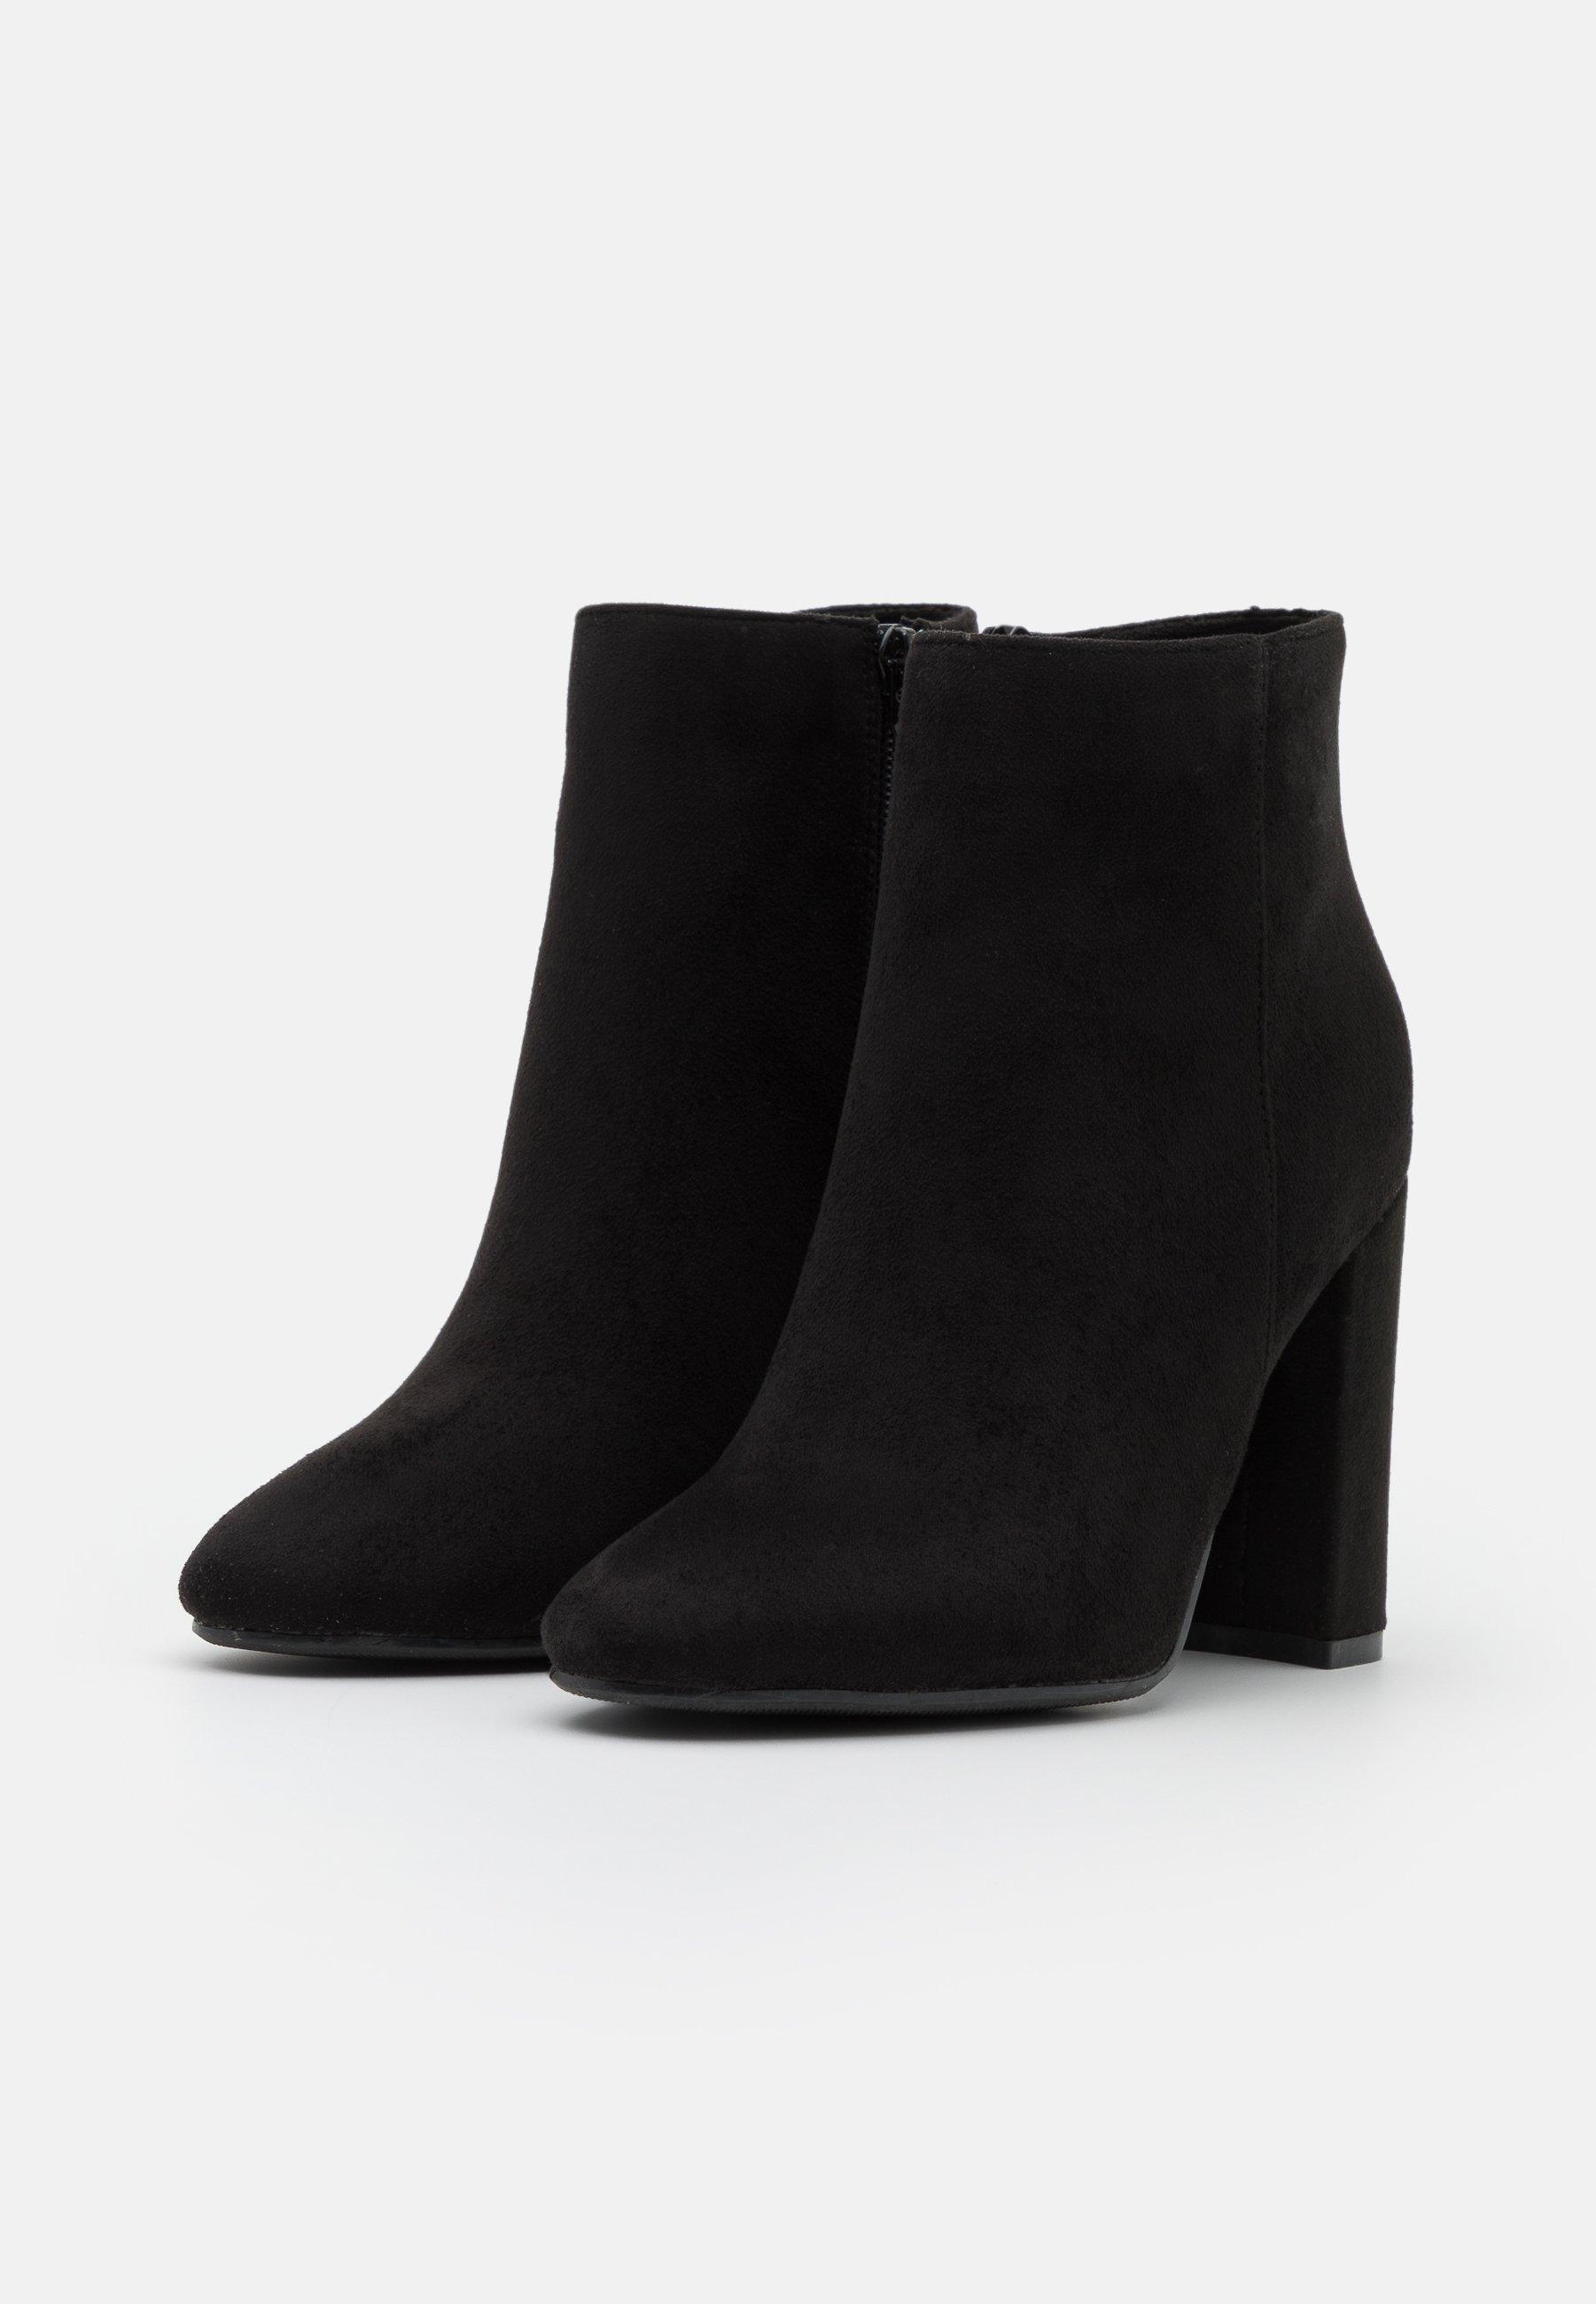 KHARISMA High Heel Stiefelette nero/schwarz